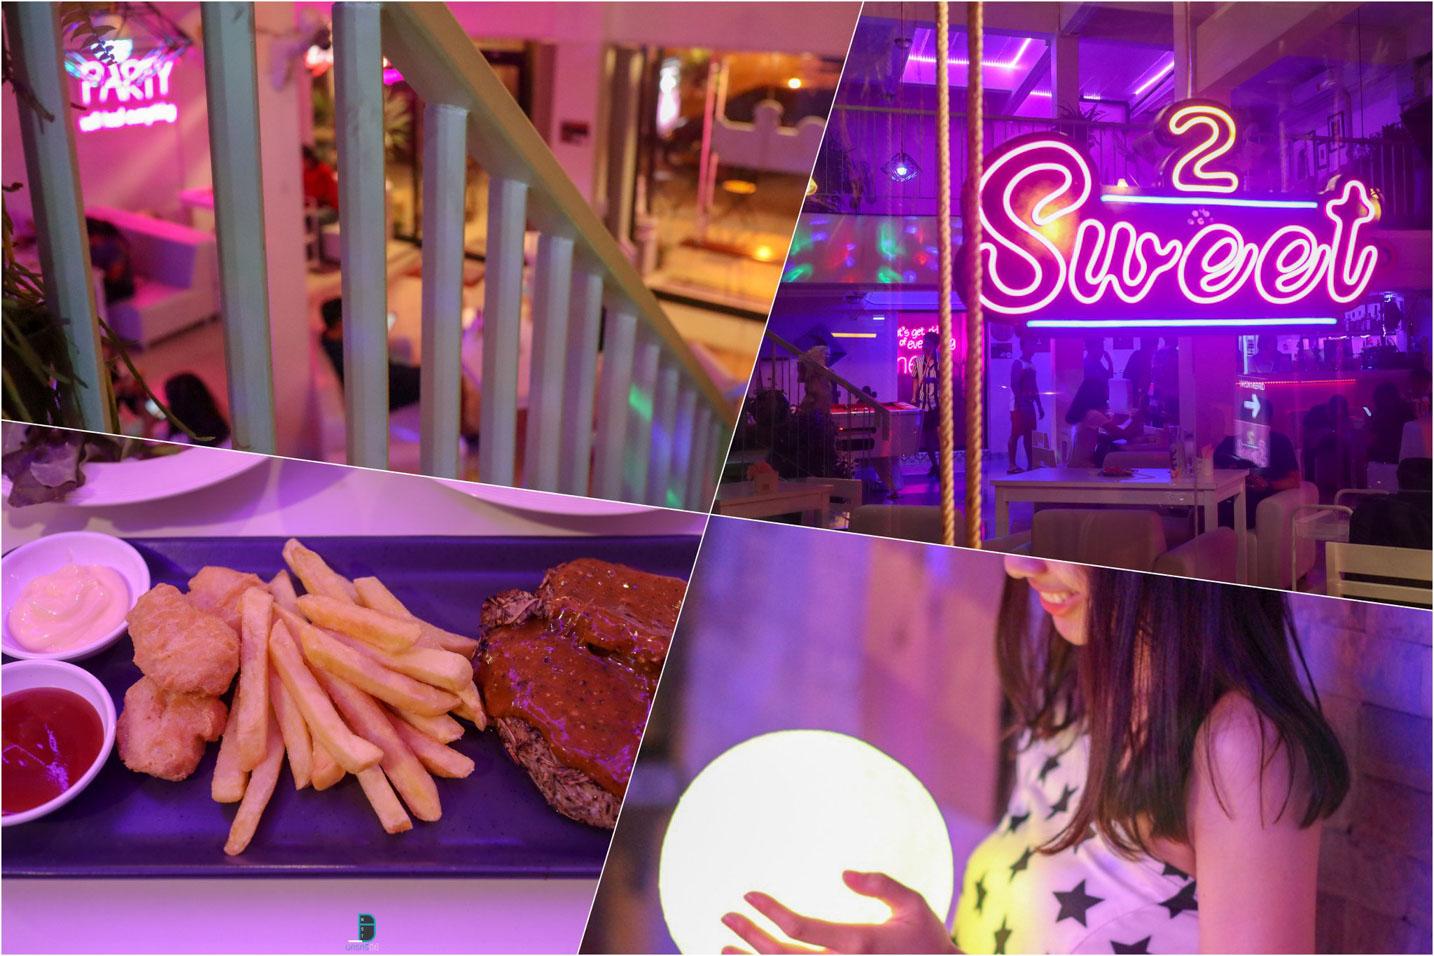 18 ร้านสวยกลางคืน นครศรีธรรมราช เที่ยว-กิน ชมแสงสีเมืองคอน นครศรีดีย์